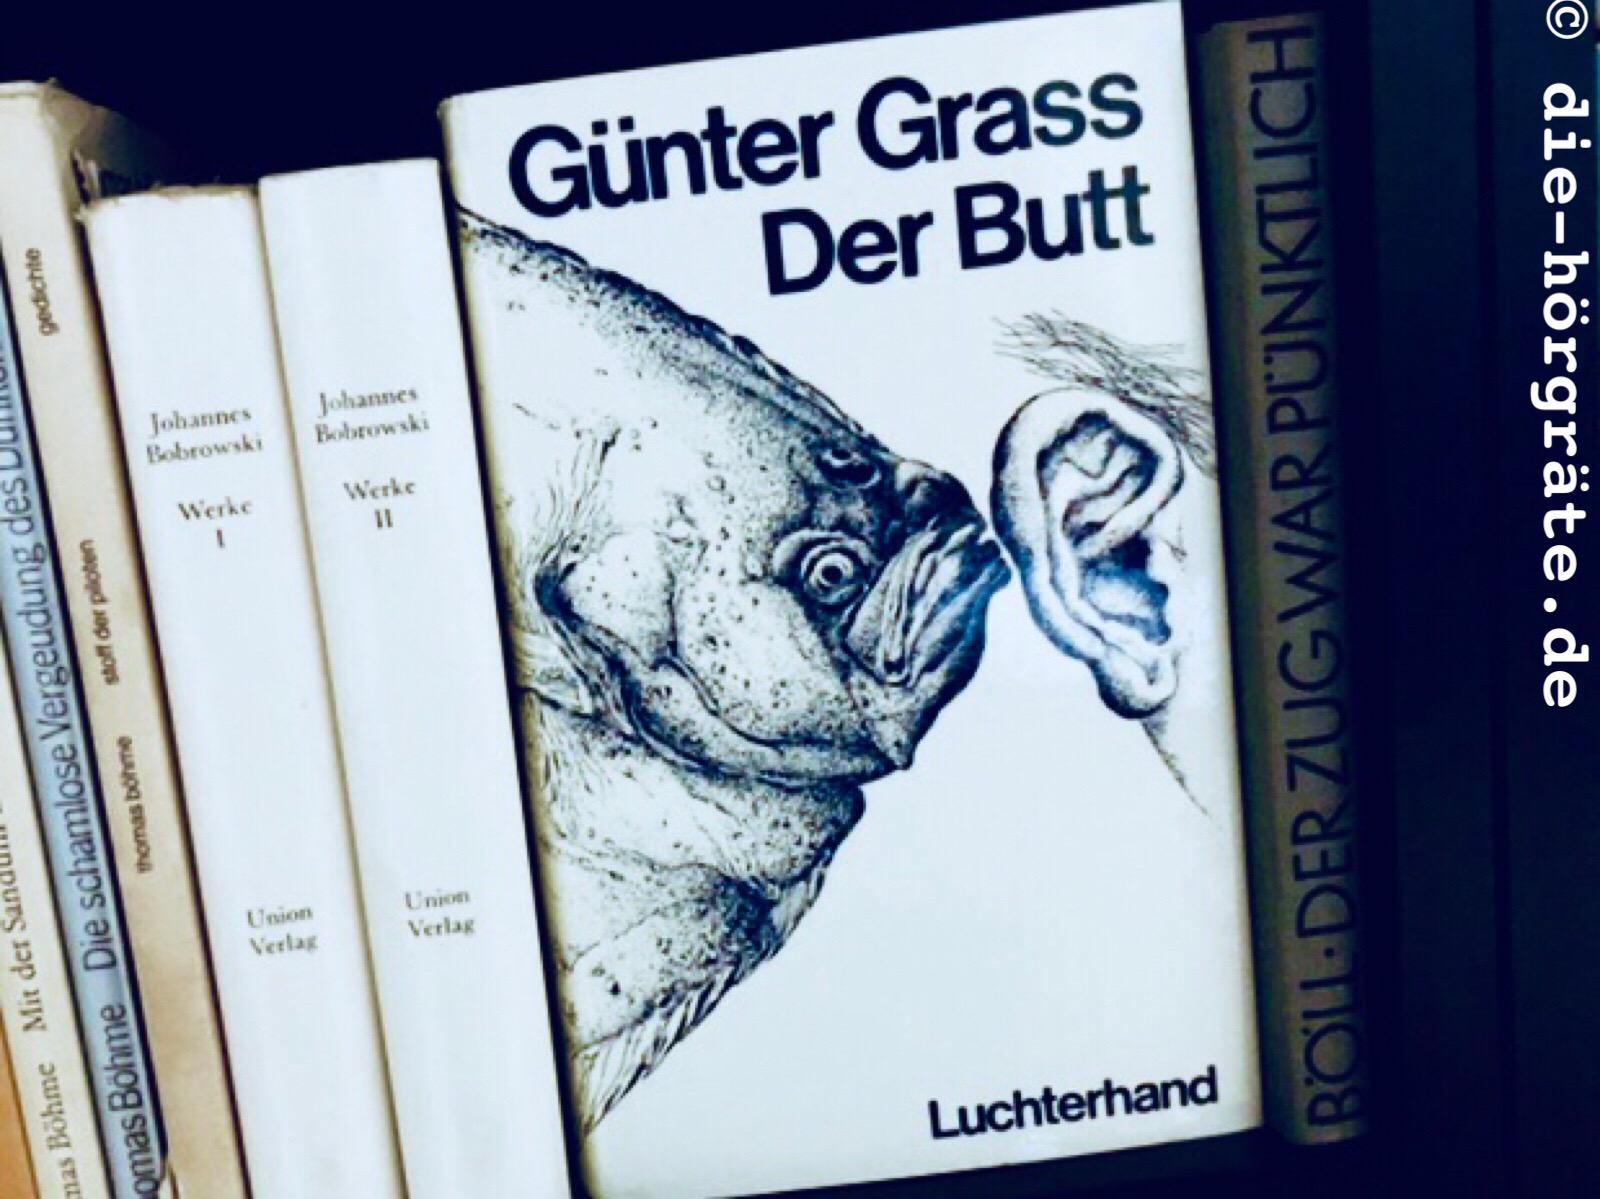 Ausschnitt aus einem Bücherregal, in dem ein Buchcover von vorne zu sehen ist: Günter Grass' Roman der Butt, auf dem Cover ist ein gezeichneter Butt und ein menschliches Ohr, in das der Butt zu sprechen scheint